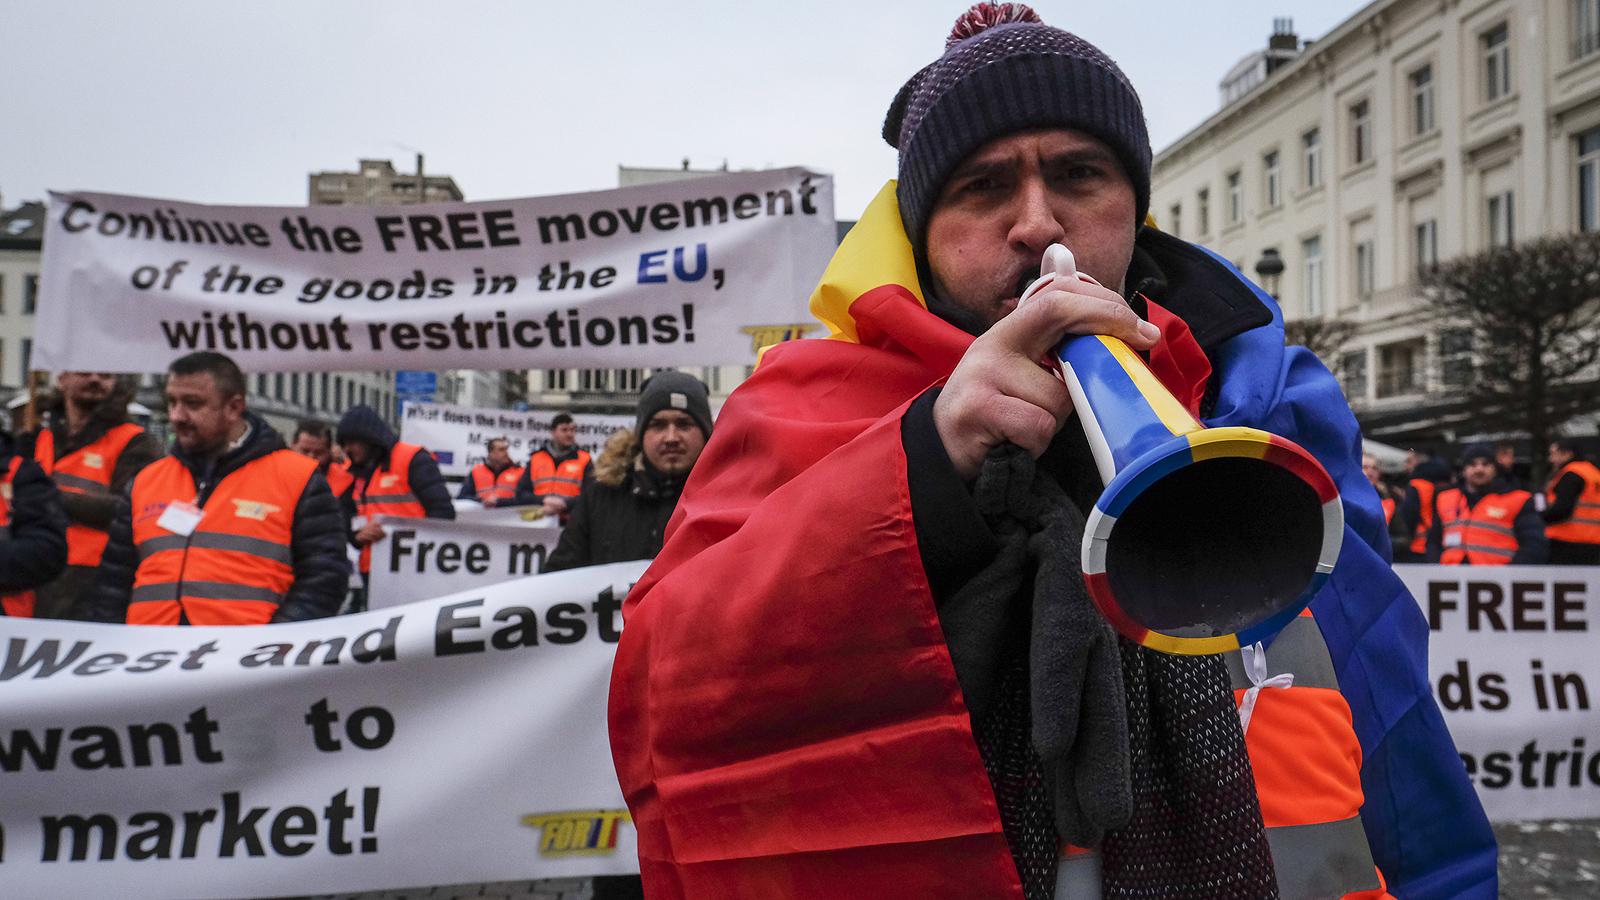 """Профсъюзни представители на транспортните сектори в източните страни протестират пред Европейския парламент в Брюксел, Белгия. Комитетът по транспорт и туризъм на Европейския парламент гласува """"Пакет за мобилност"""", който предвижда нови проекти на правилата за организиране на европейския транспортен сектор, а Полша, Румъния и България ще бъдат най-засегнатите страни с новите правила"""